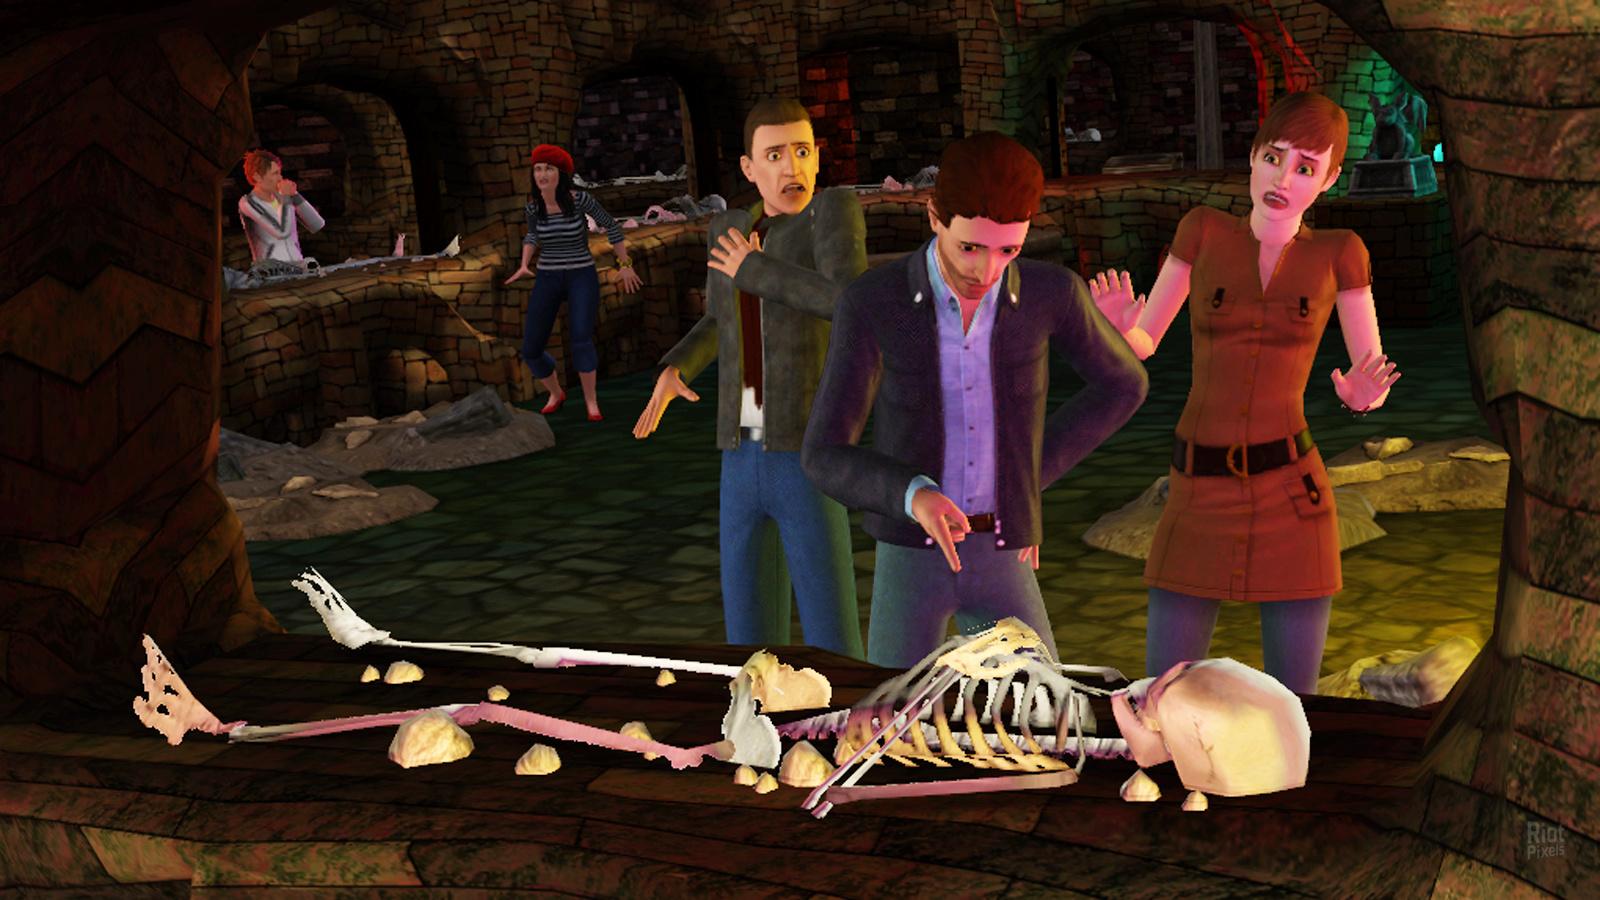 Торент Бесплатно Игру The Sims 3 Мир Приключений